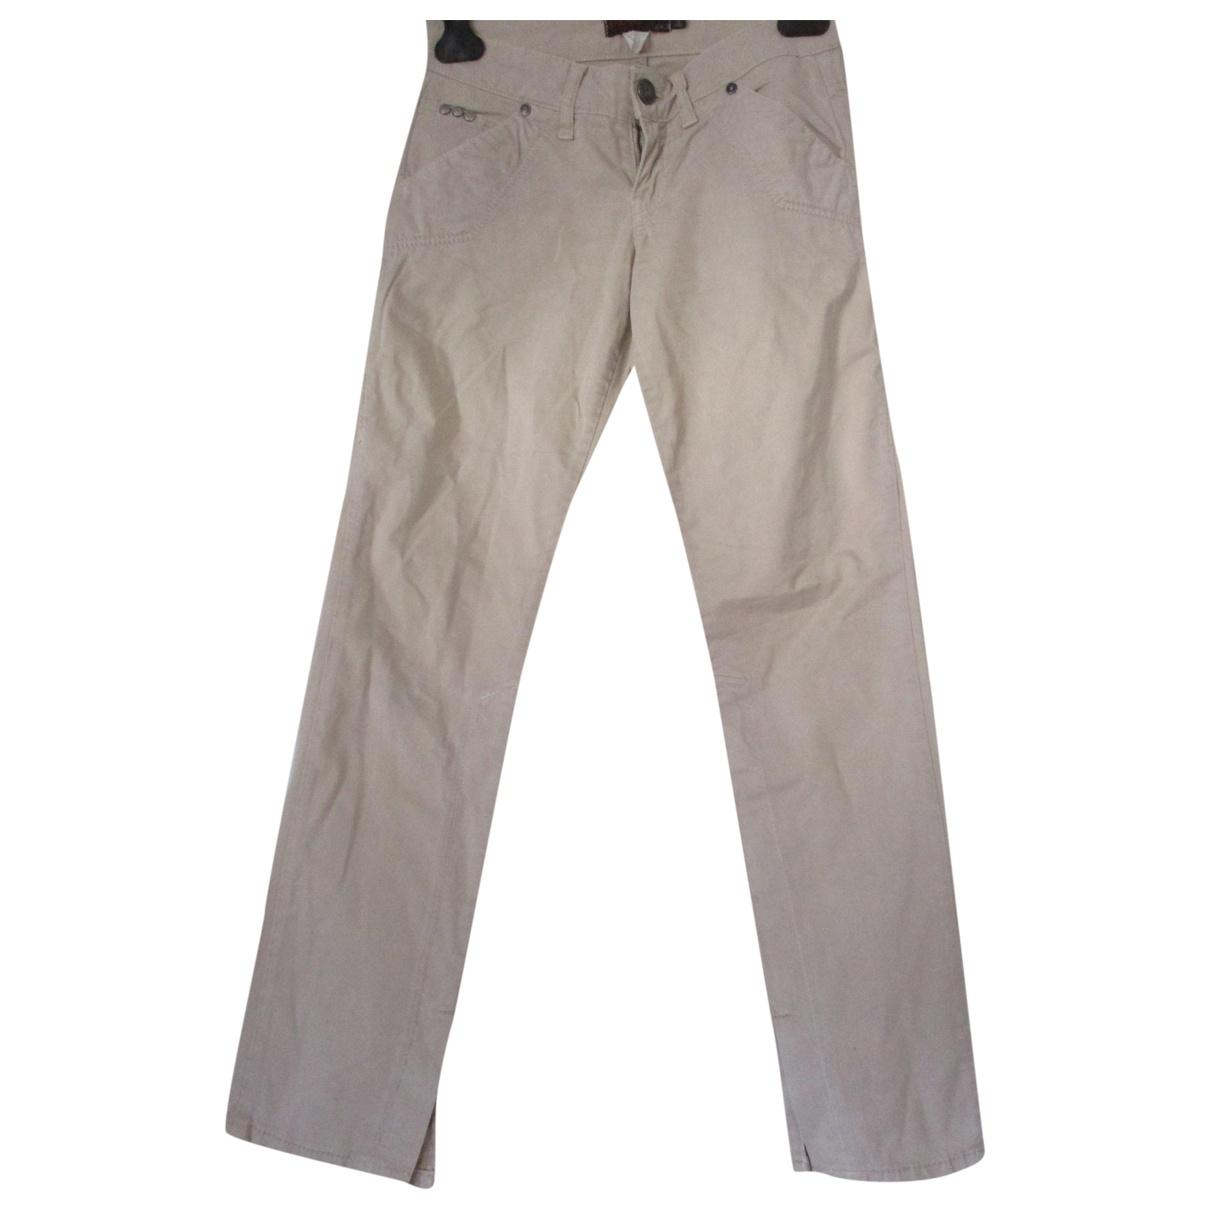 Pantalon recto Liu.jo